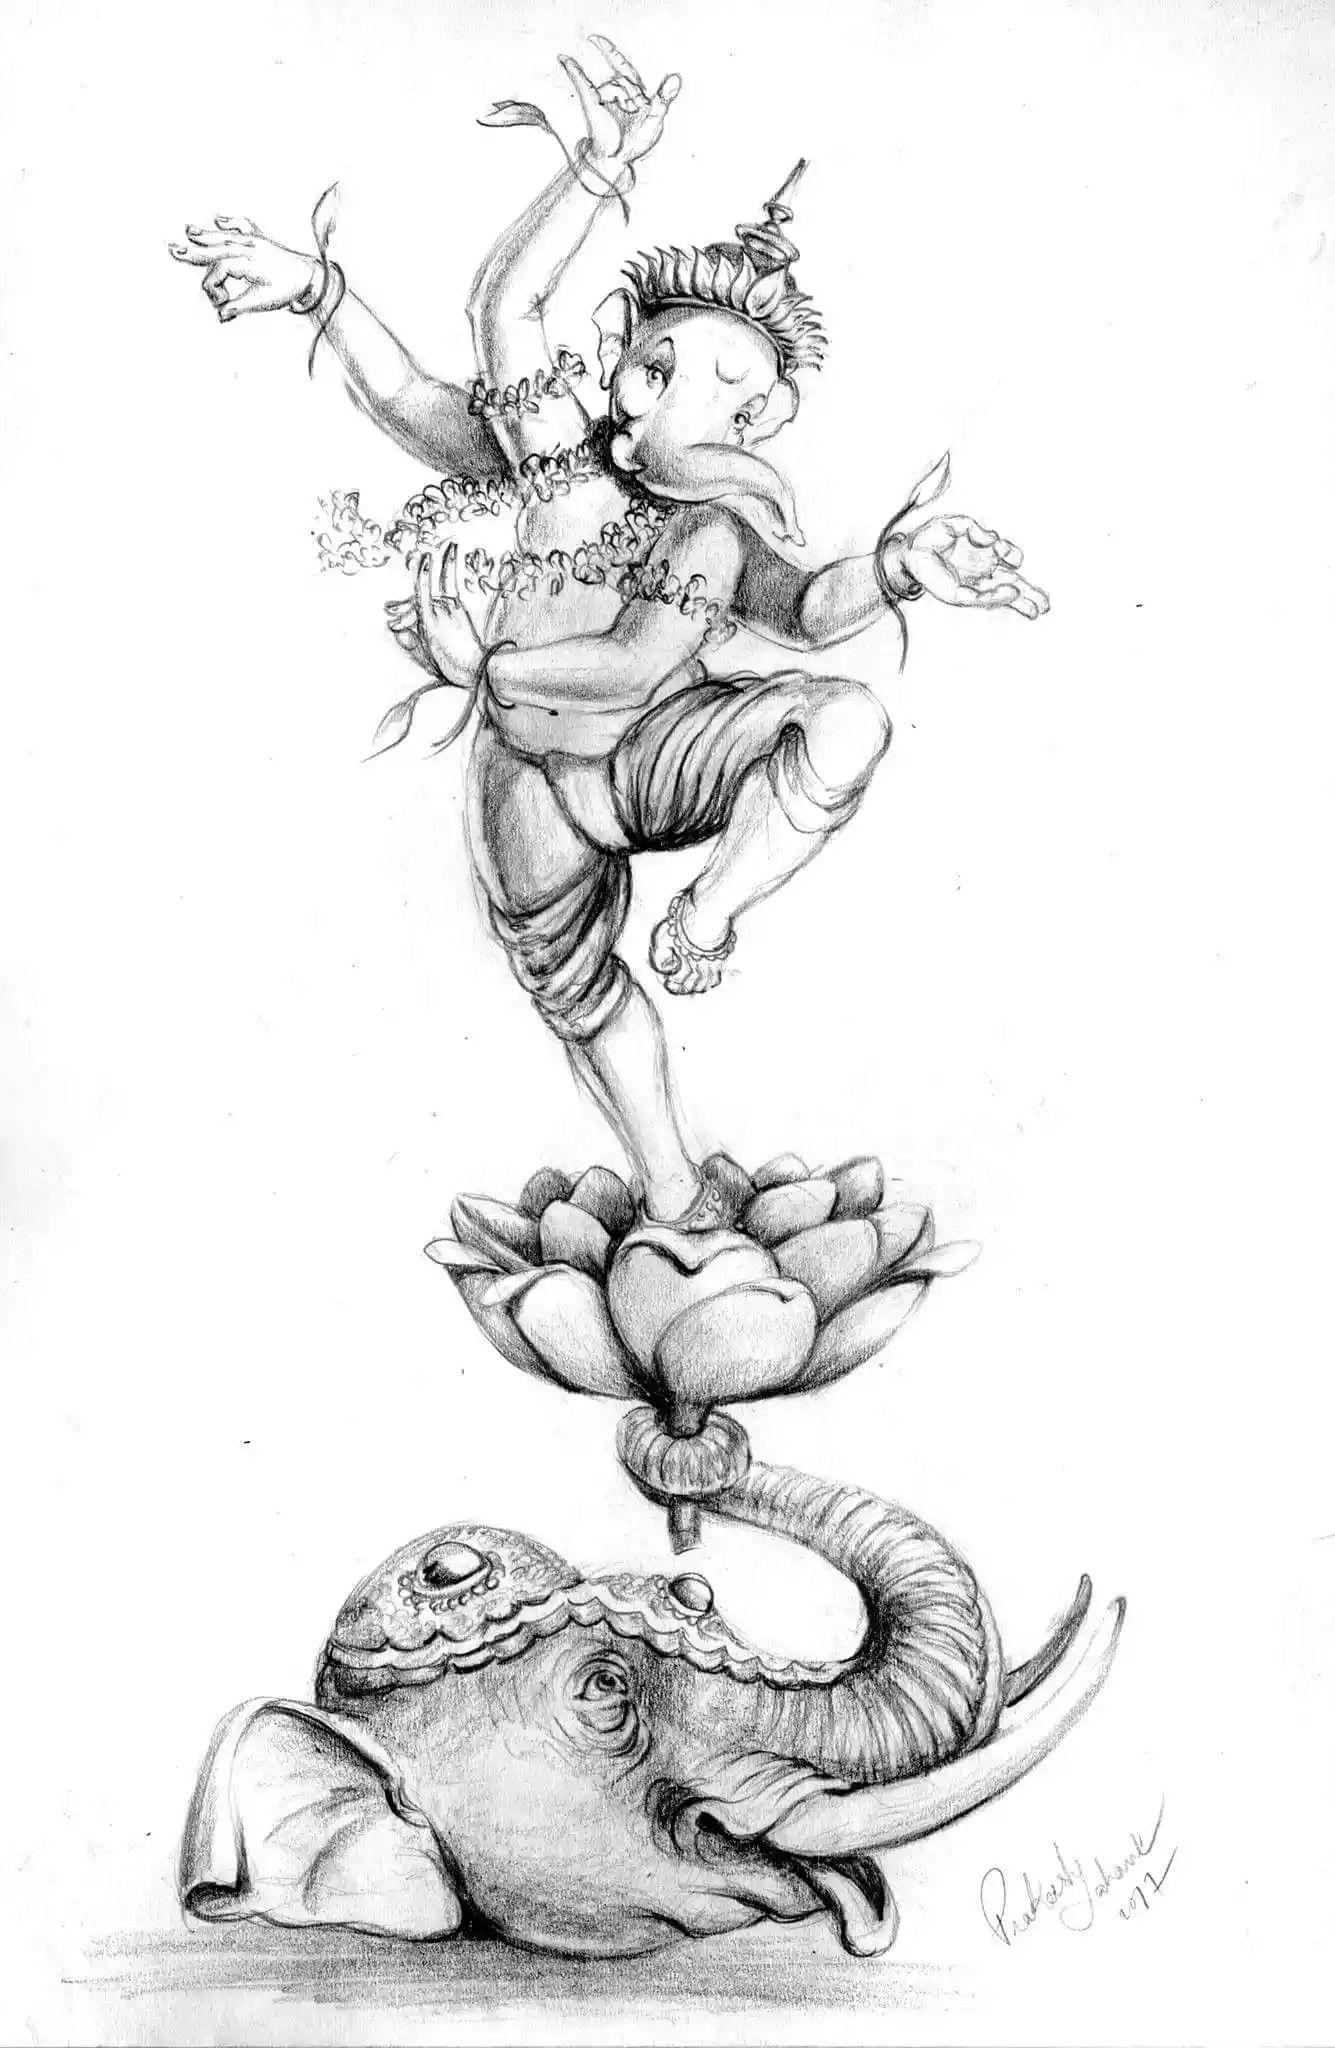 Shri ganesh lord ganesha lord shiva krishna pencil art pencil sketching